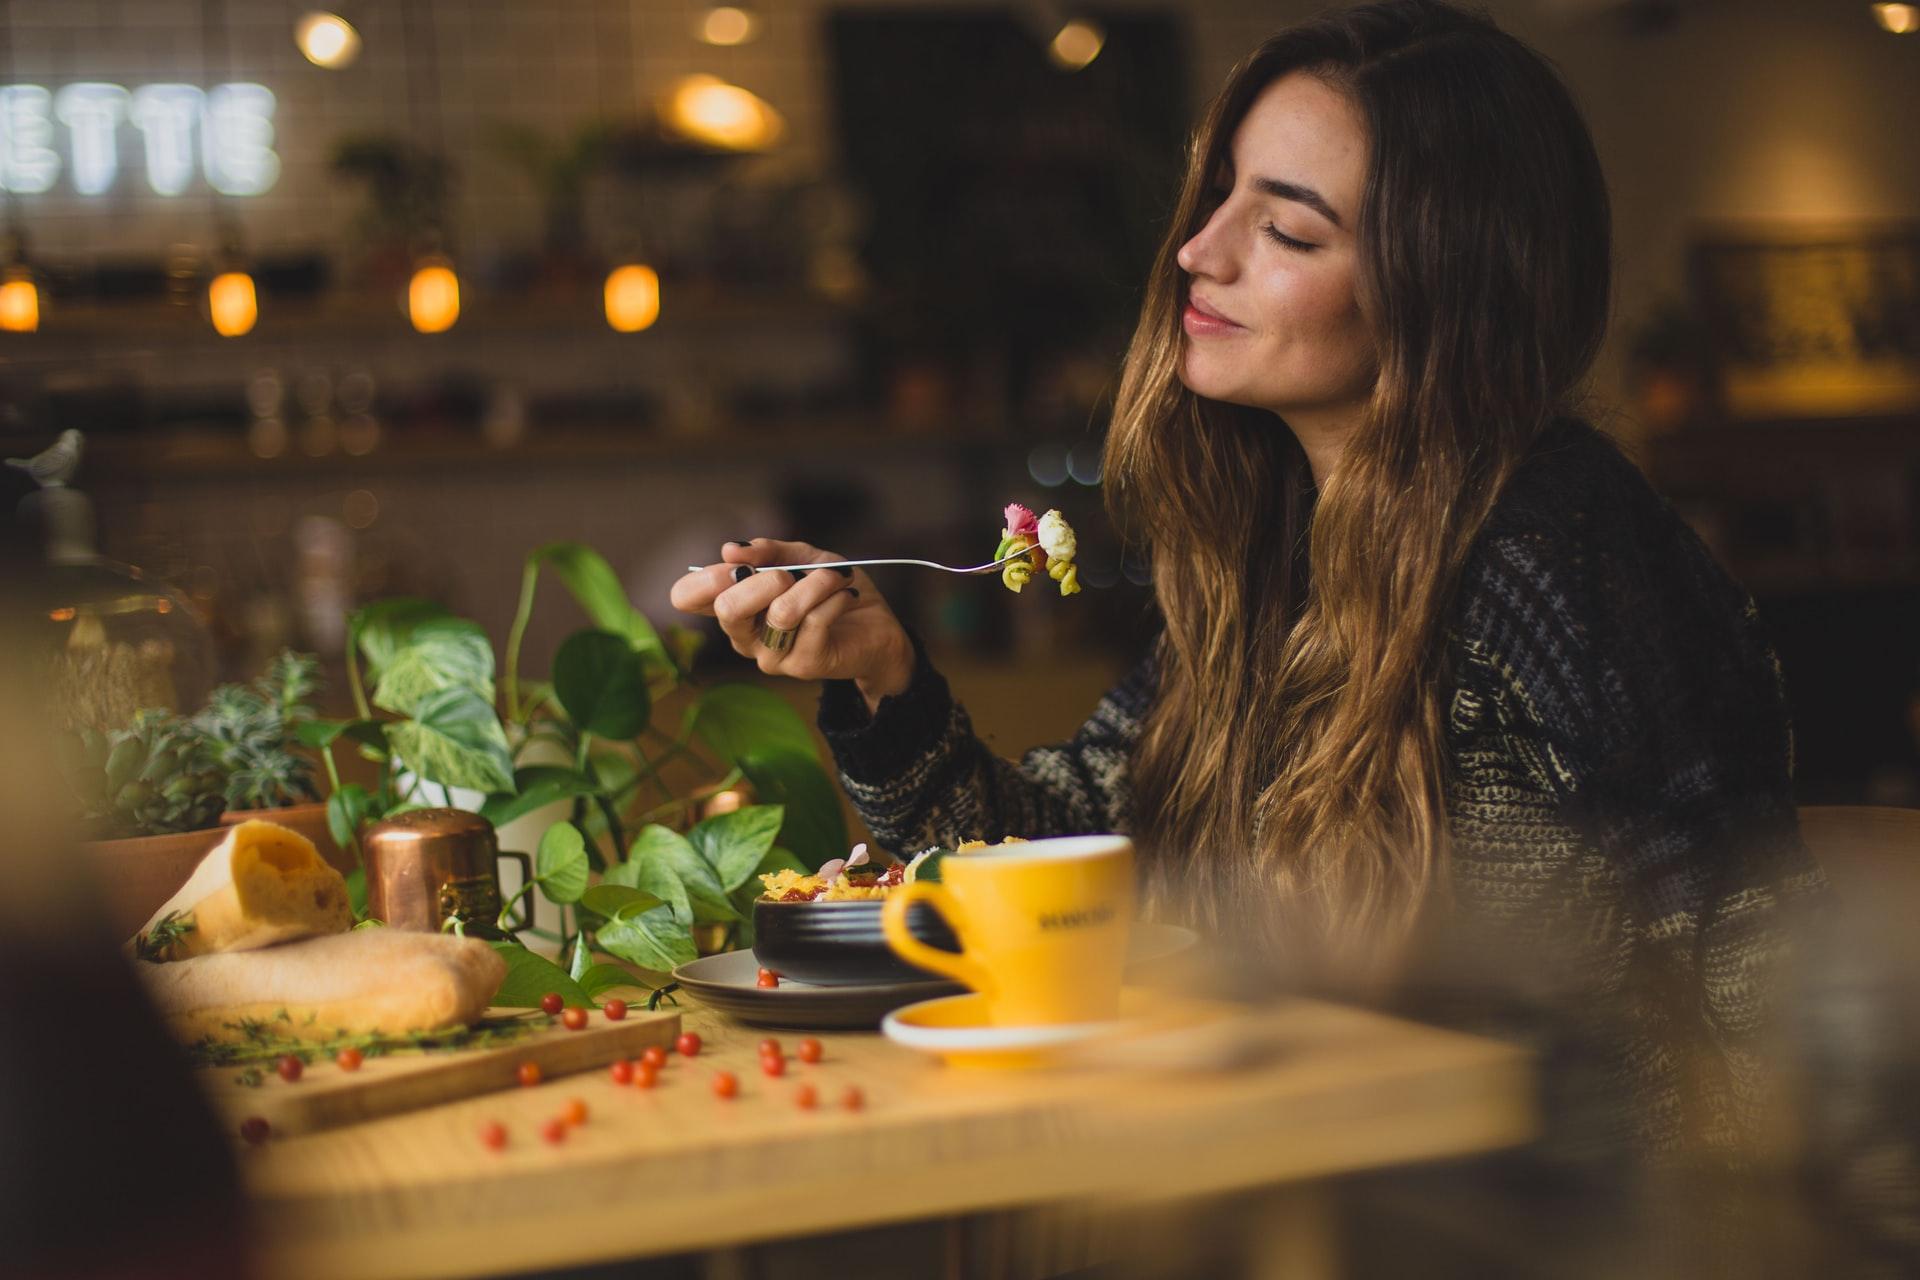 Nälän ja kylläisyyden tunteet tukena toipumisessa